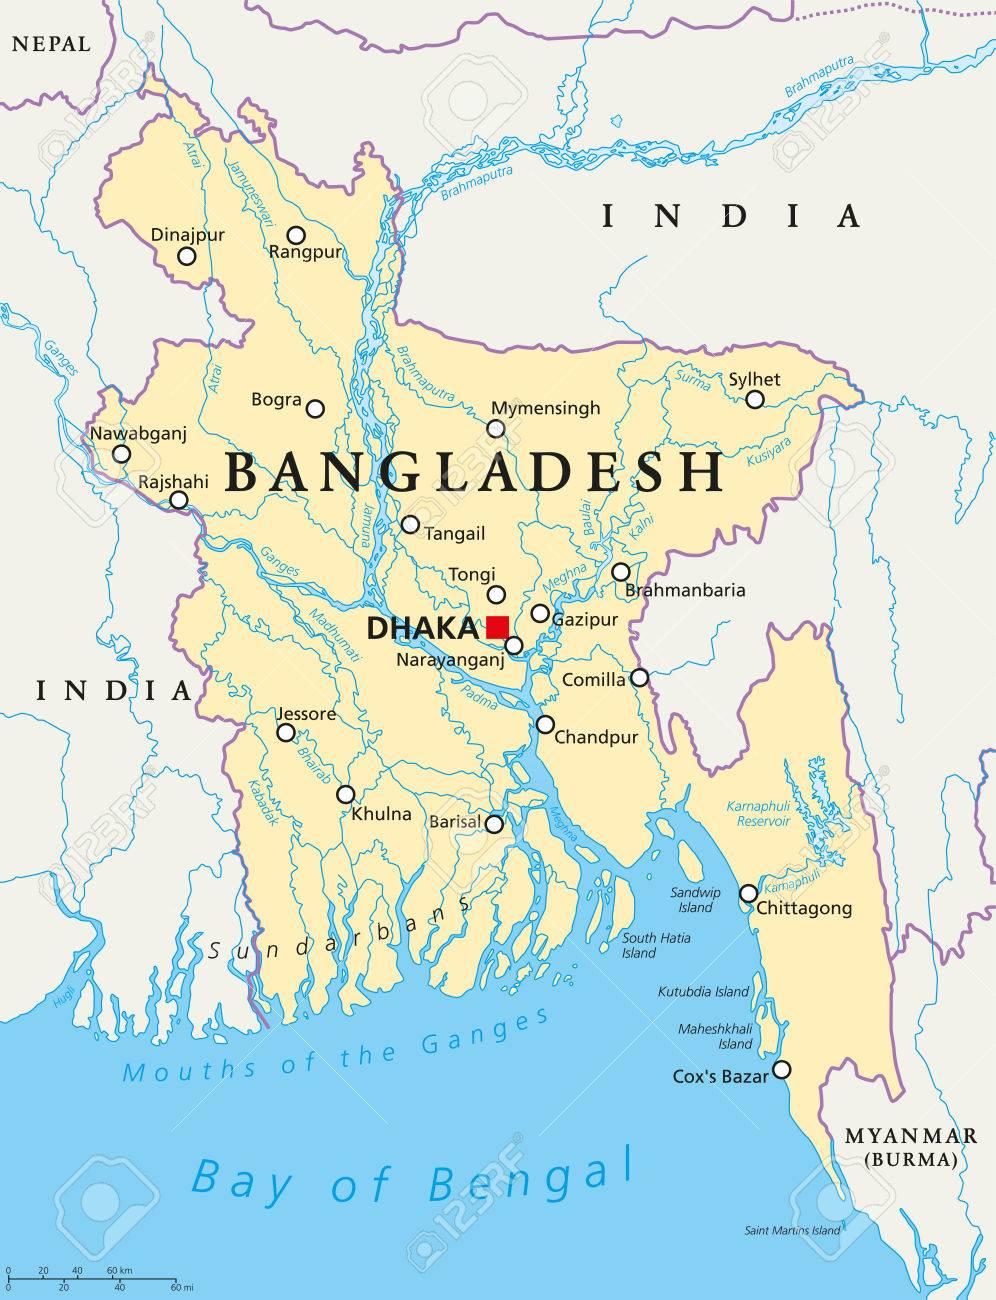 Cartina Mondo Politica Con Capitali.Vettoriale La Mappa Politica Del Bangladesh Con Capitale Dhaka I Confini Nazionali Importanti Citta Fiumi E Laghi Etichettatura Inglese Illustrazione Image 60593675